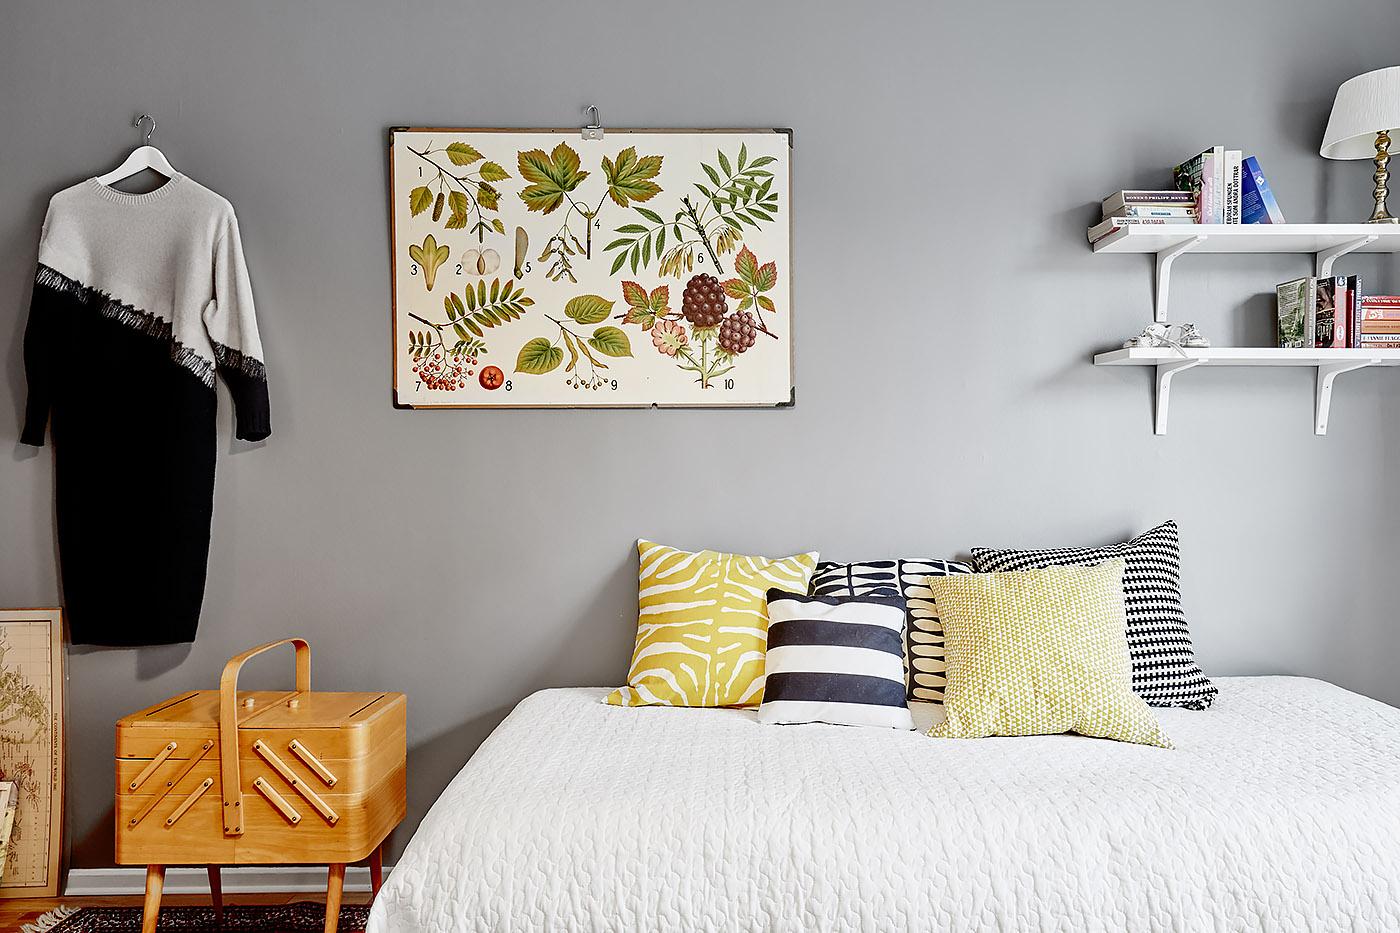 Habitaciones juveniles de estilo n rdico blog tienda for Ideas para decorar dormitorio juvenil